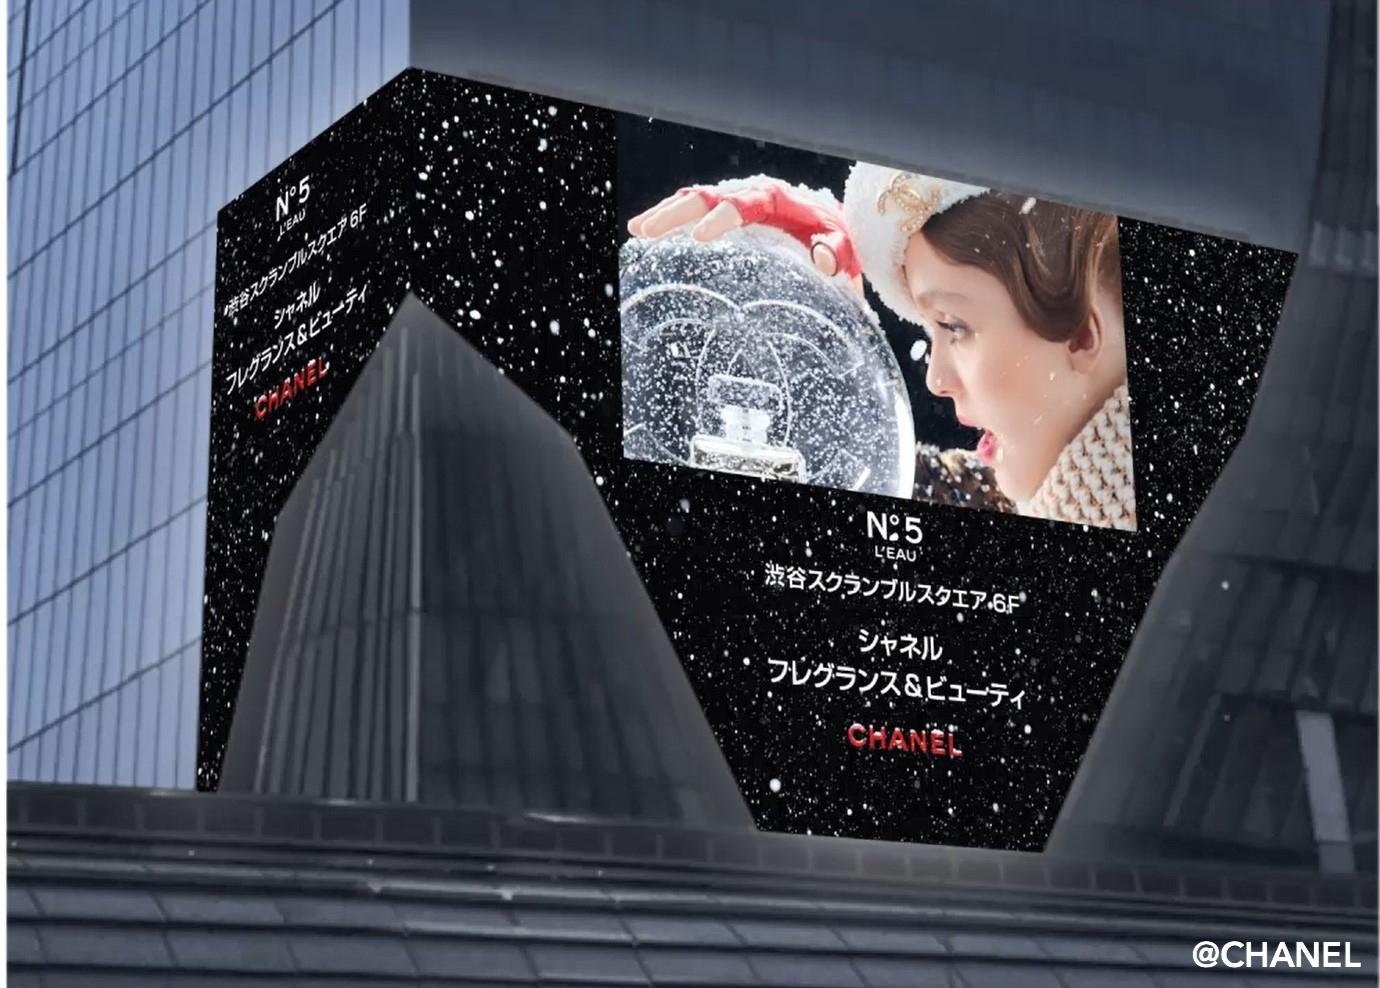 Chanel ナンバーファイブの素敵なビジュアルが渋谷の街を席捲